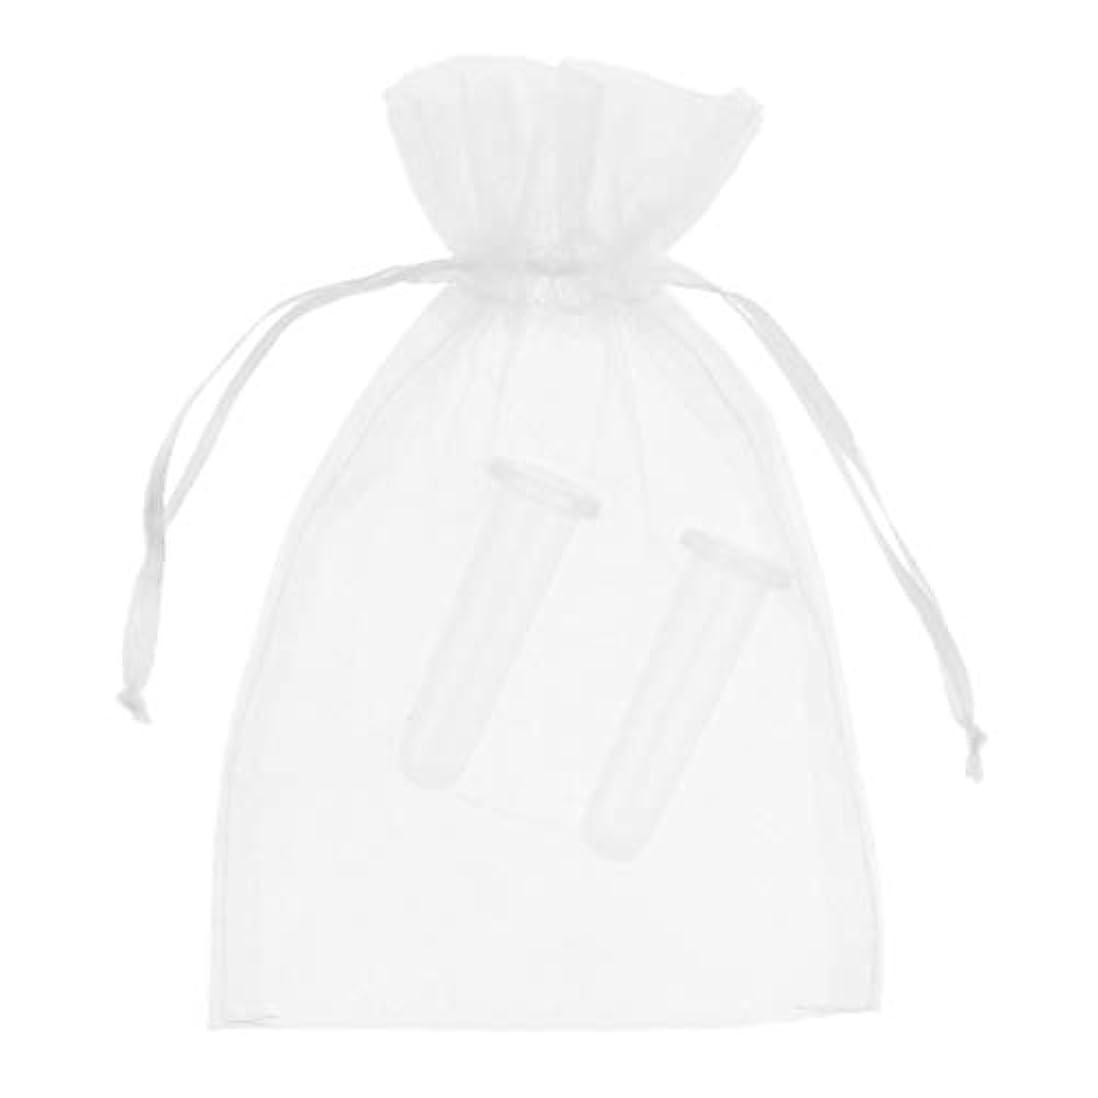 クラックポット磁器湾シリコーン製 真空 顔用マッサージ カッピング 吸い玉カップ カッピング 収納ポーチ付き 2個 全2色 - ホワイト